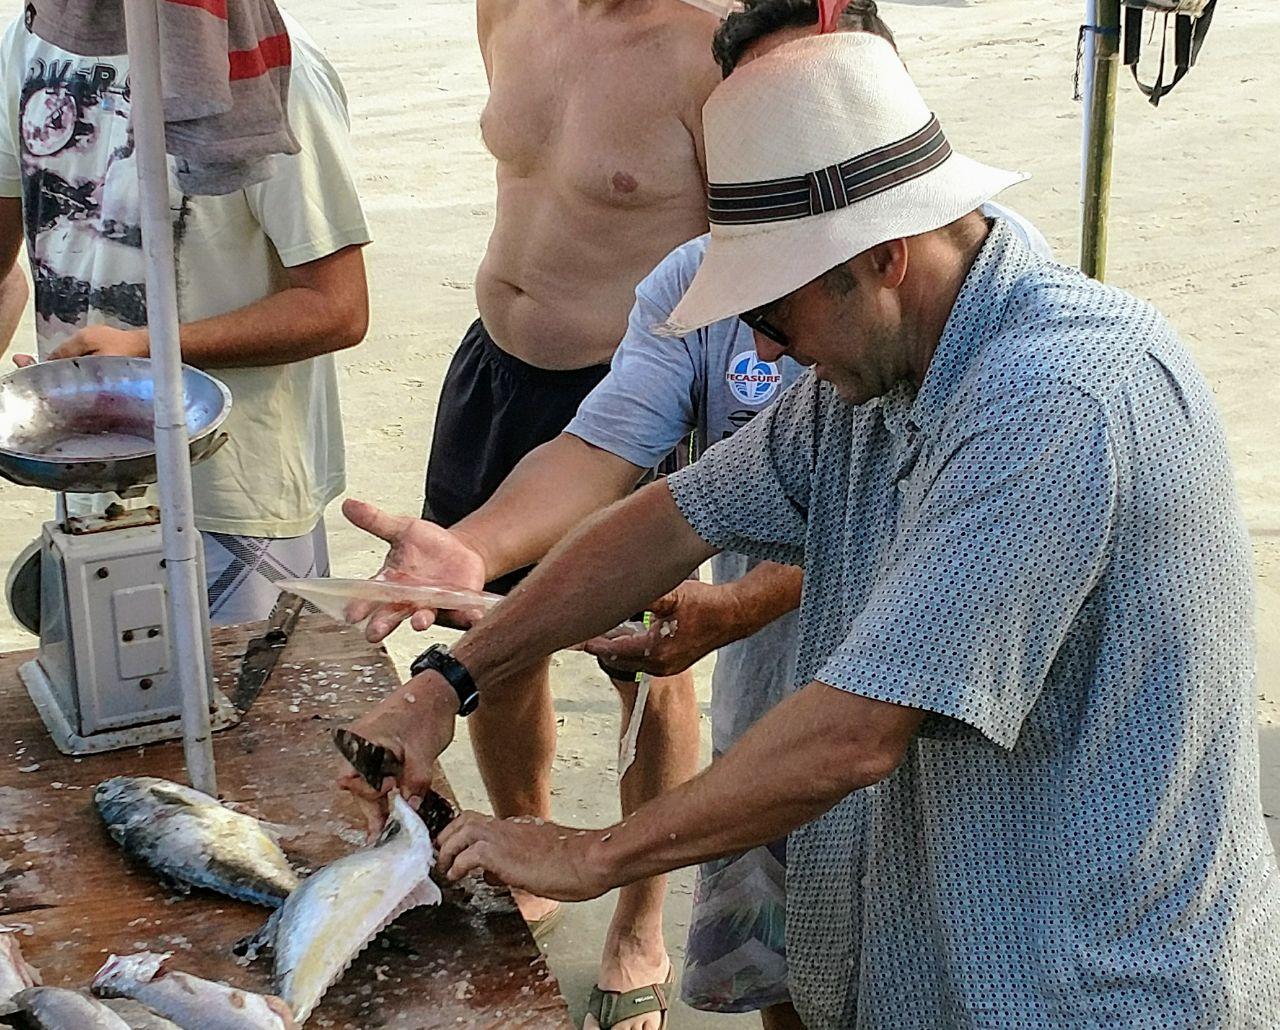 Rolo adquirindo peixes frescos dos pescadores da região